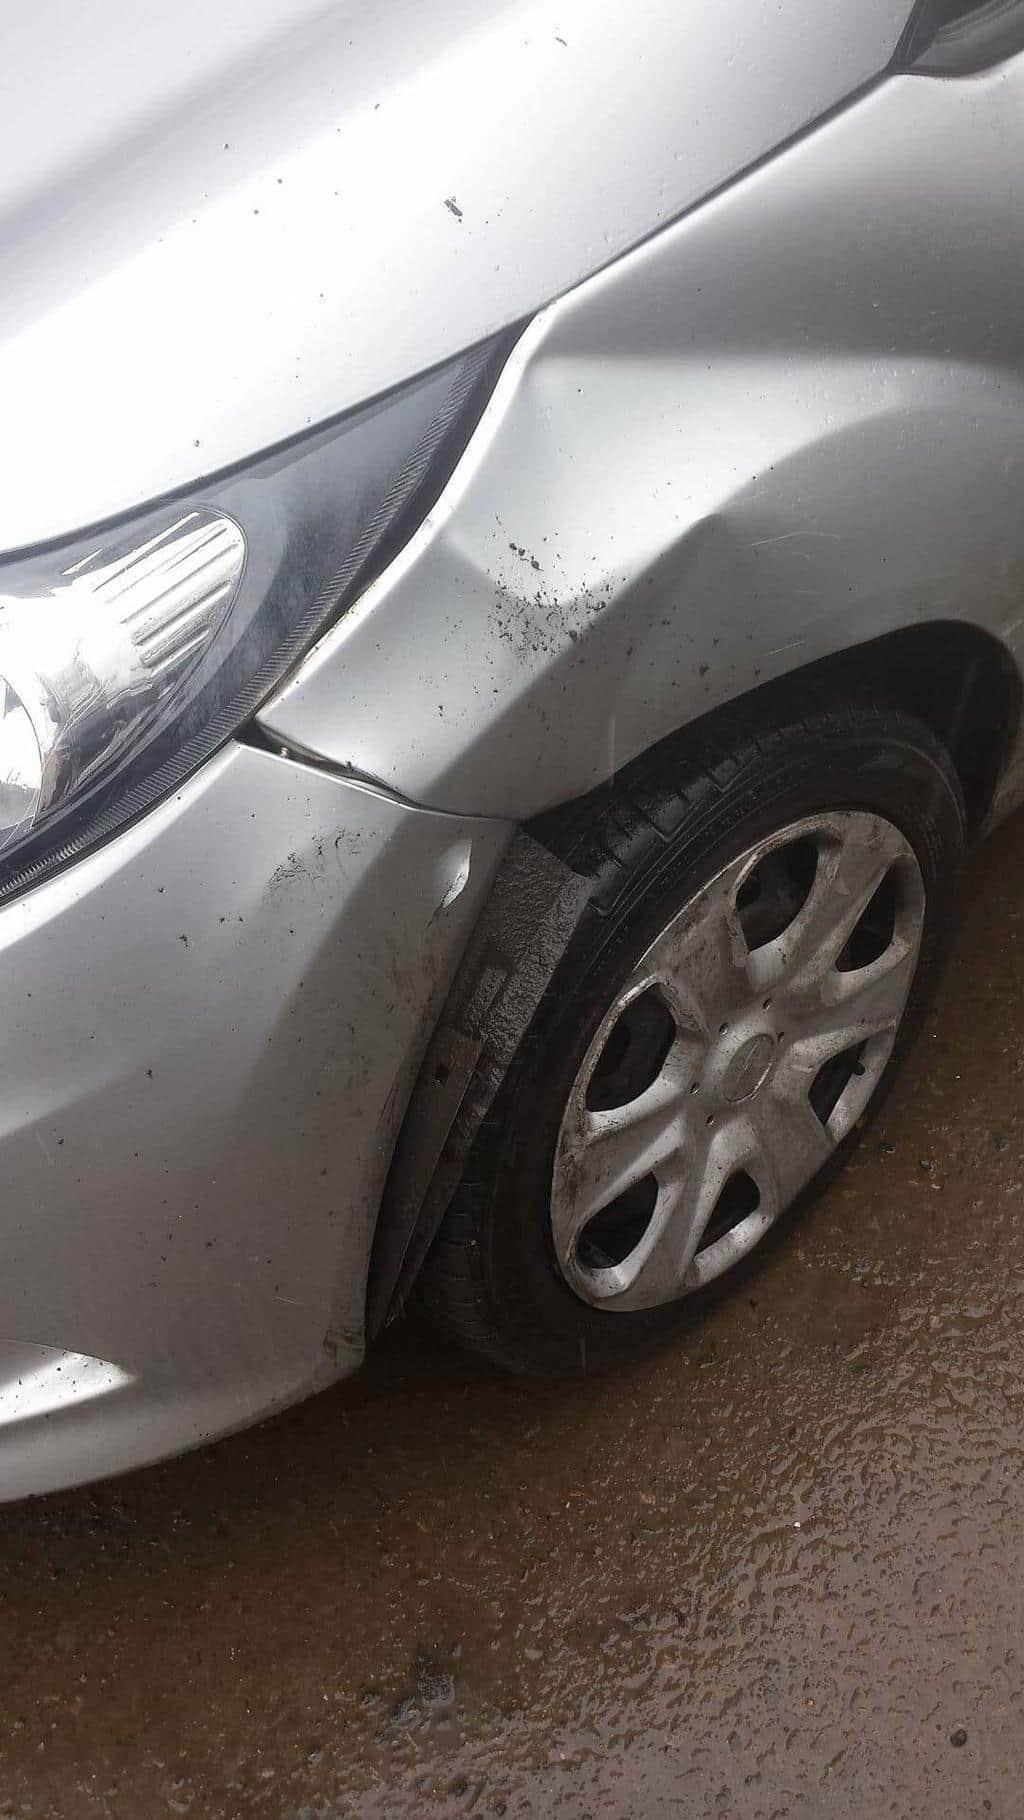 Dealing With A Written Off Car